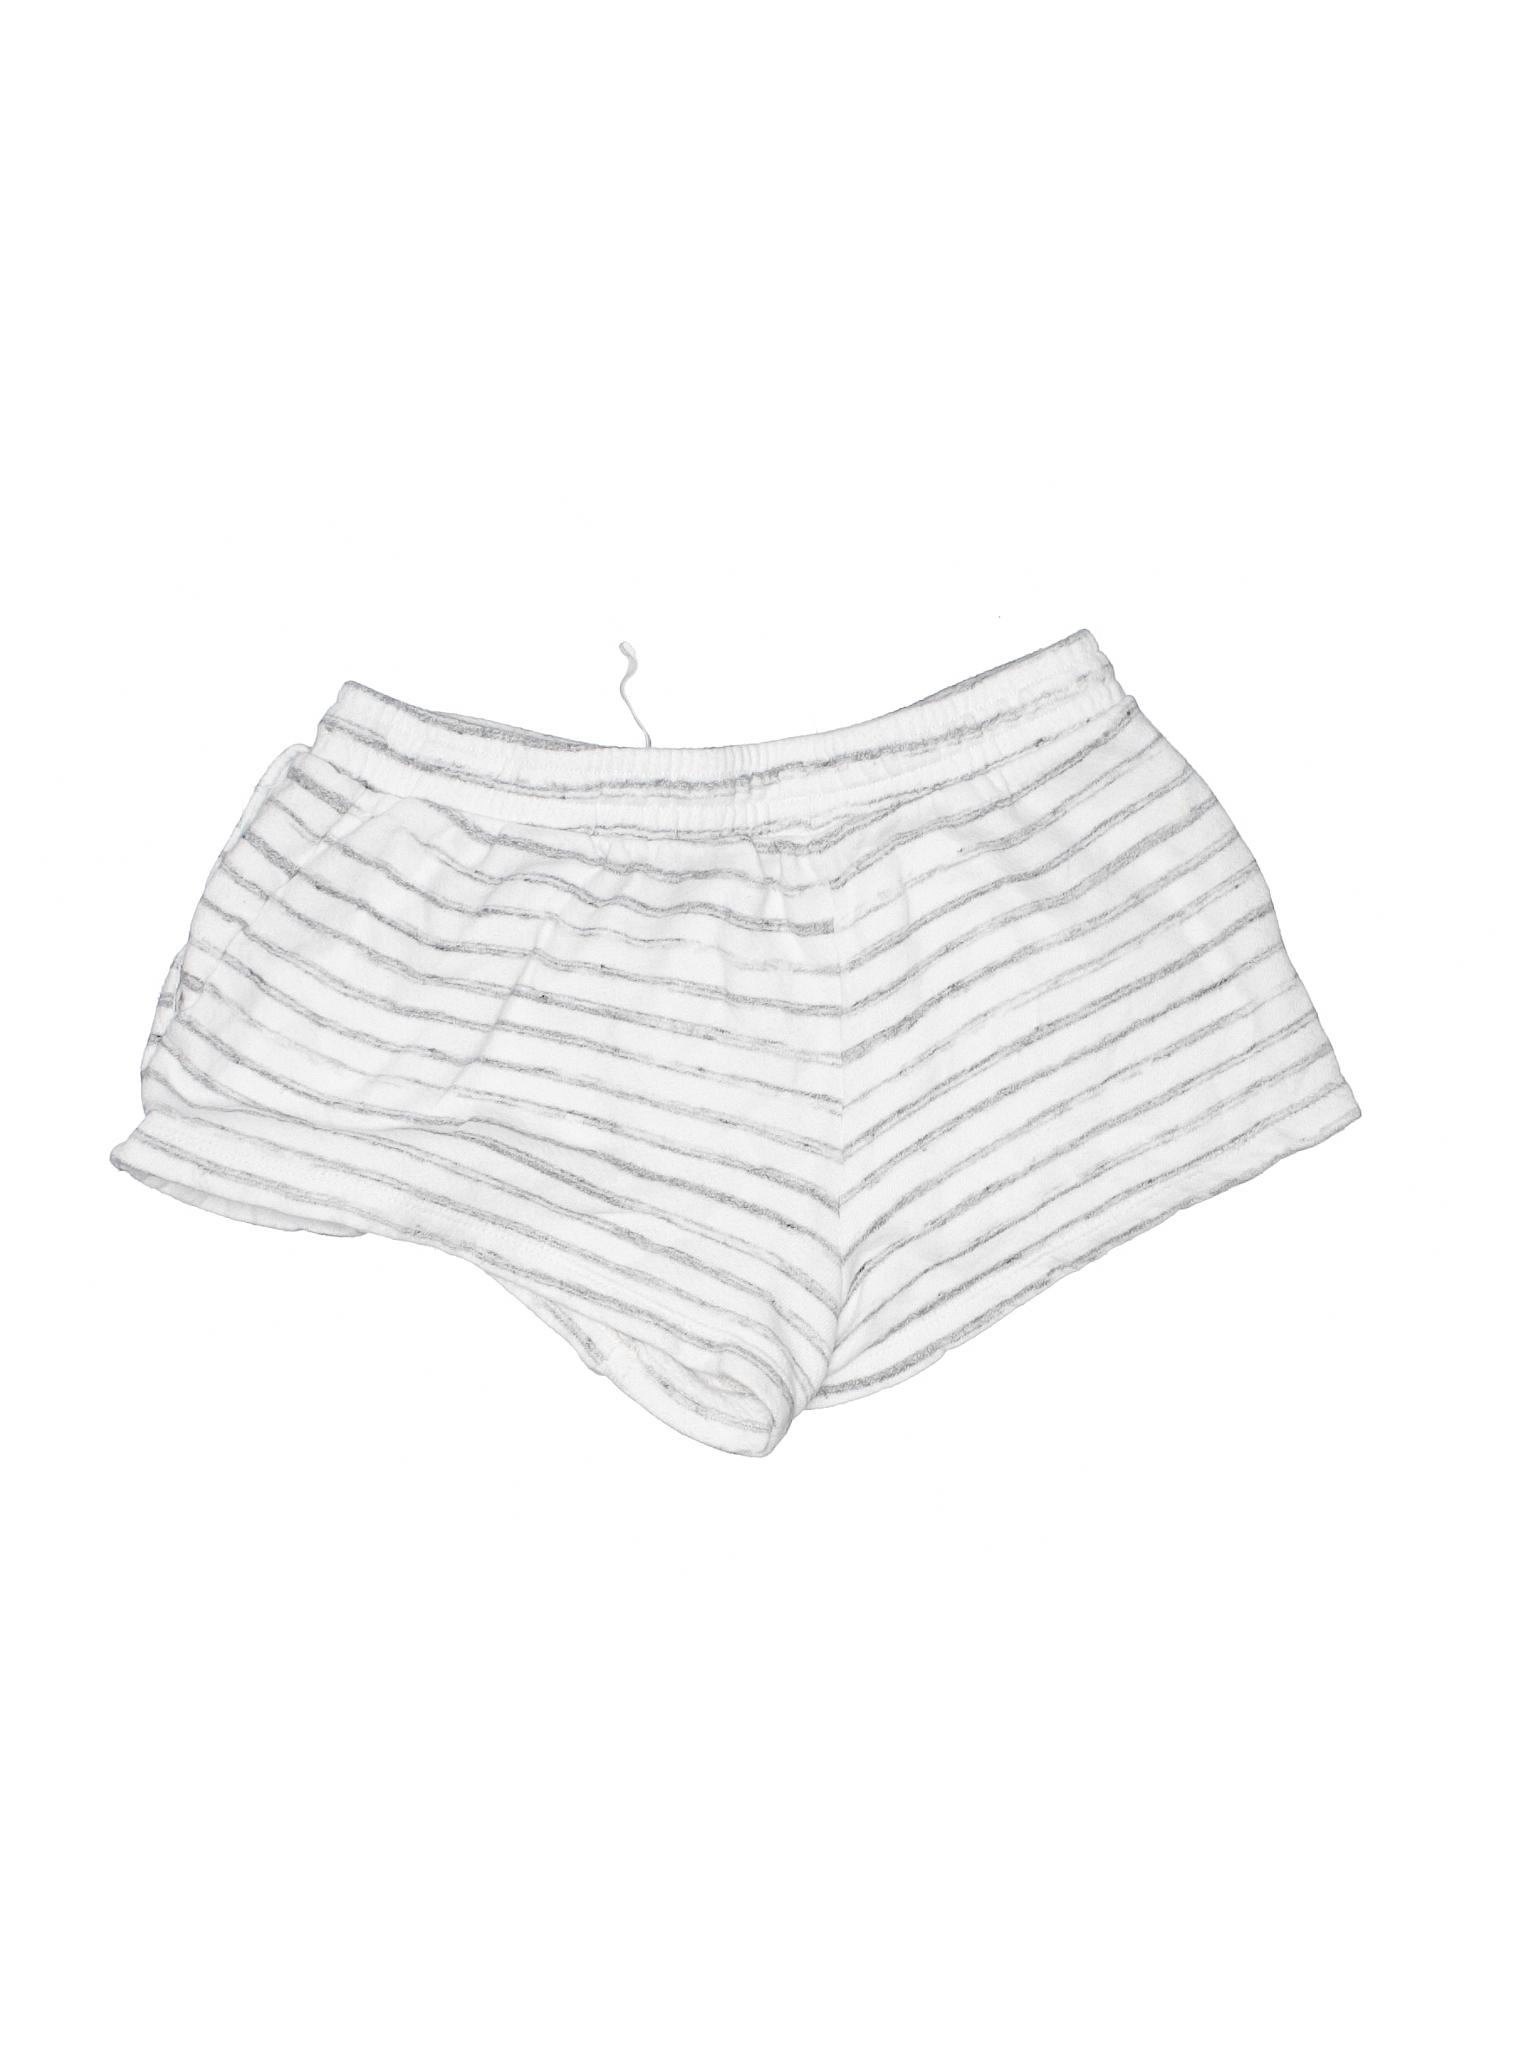 Boutique Boutique Soft Soft Shorts Joie Fq76wU7